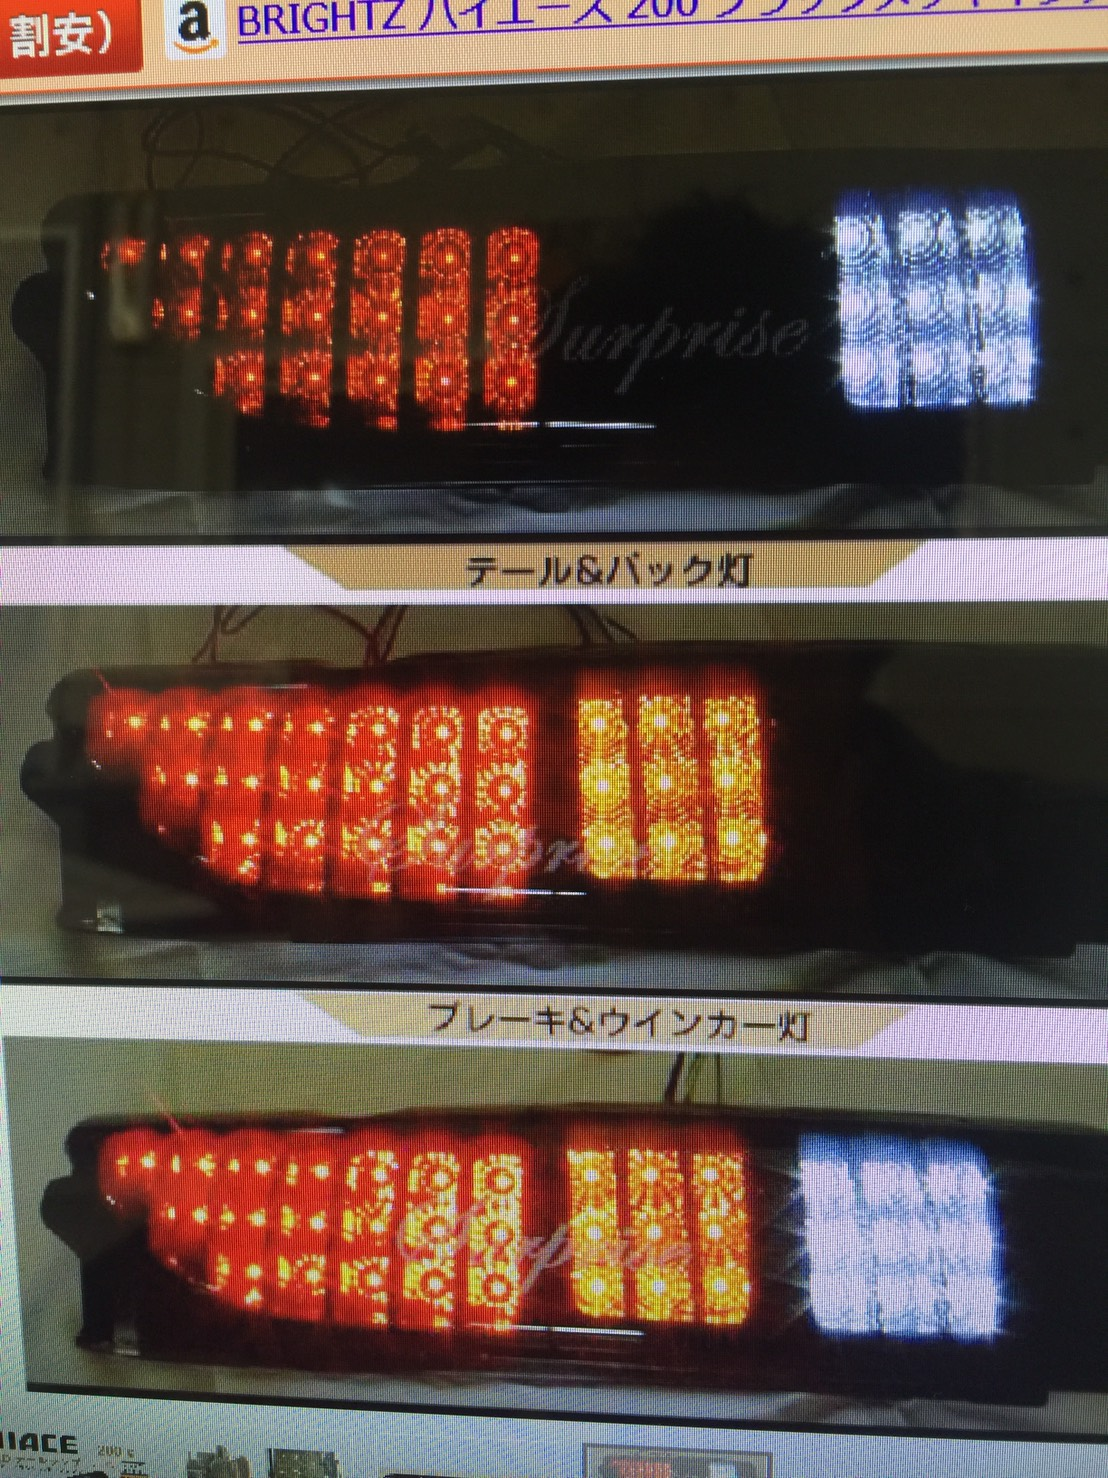 カスタム♪_a0284101_199240.jpg